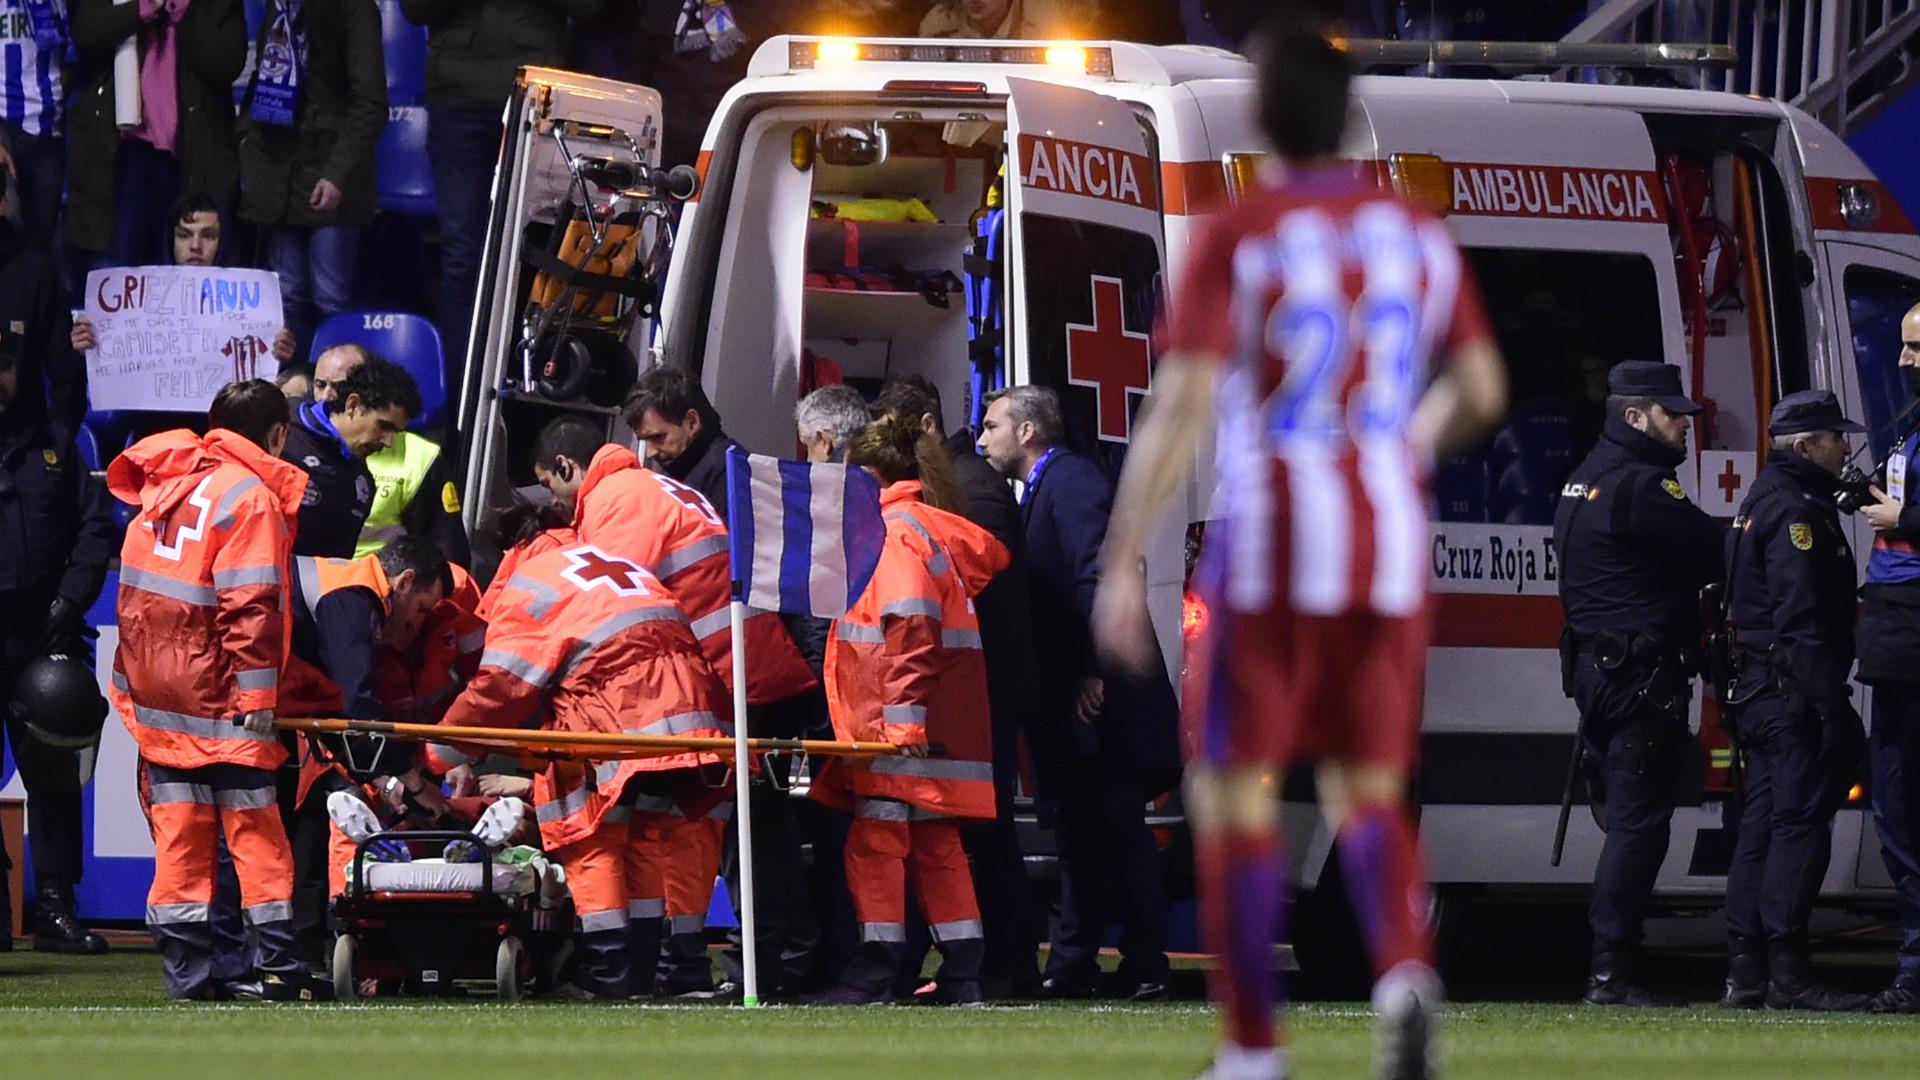 [Image: fernando-torres-ambulance-atletico-madri...1860845054]